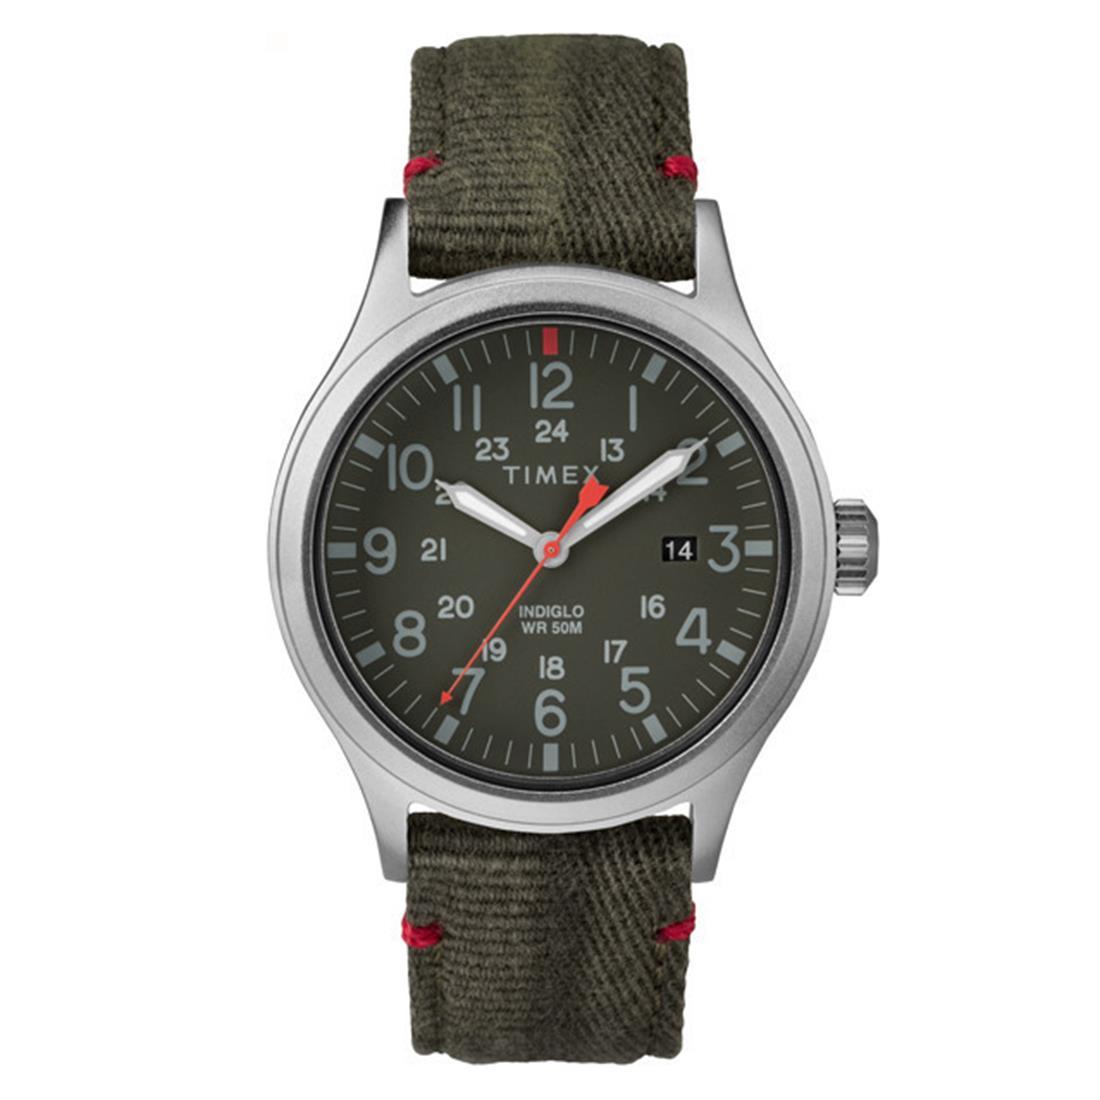 Orologio uomo con cassa 40 mm - TIMEX